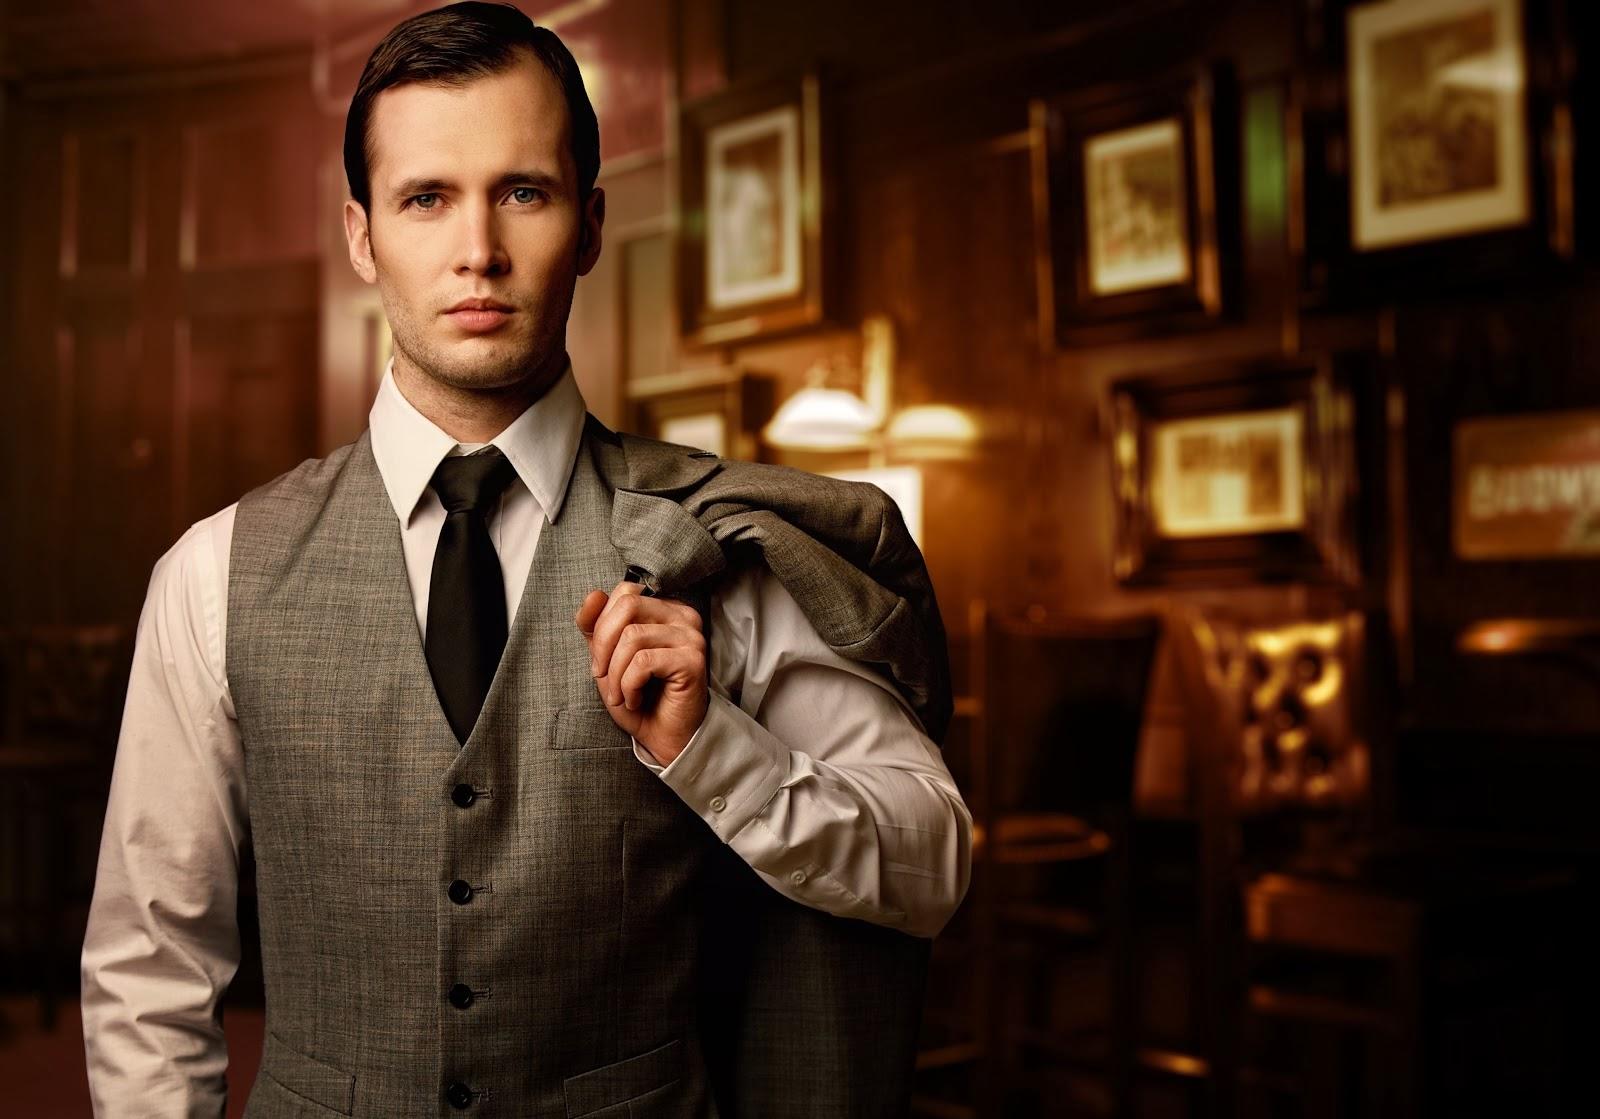 صورة صفات الرجل المثالي , كيف يكون الرجل مثالي